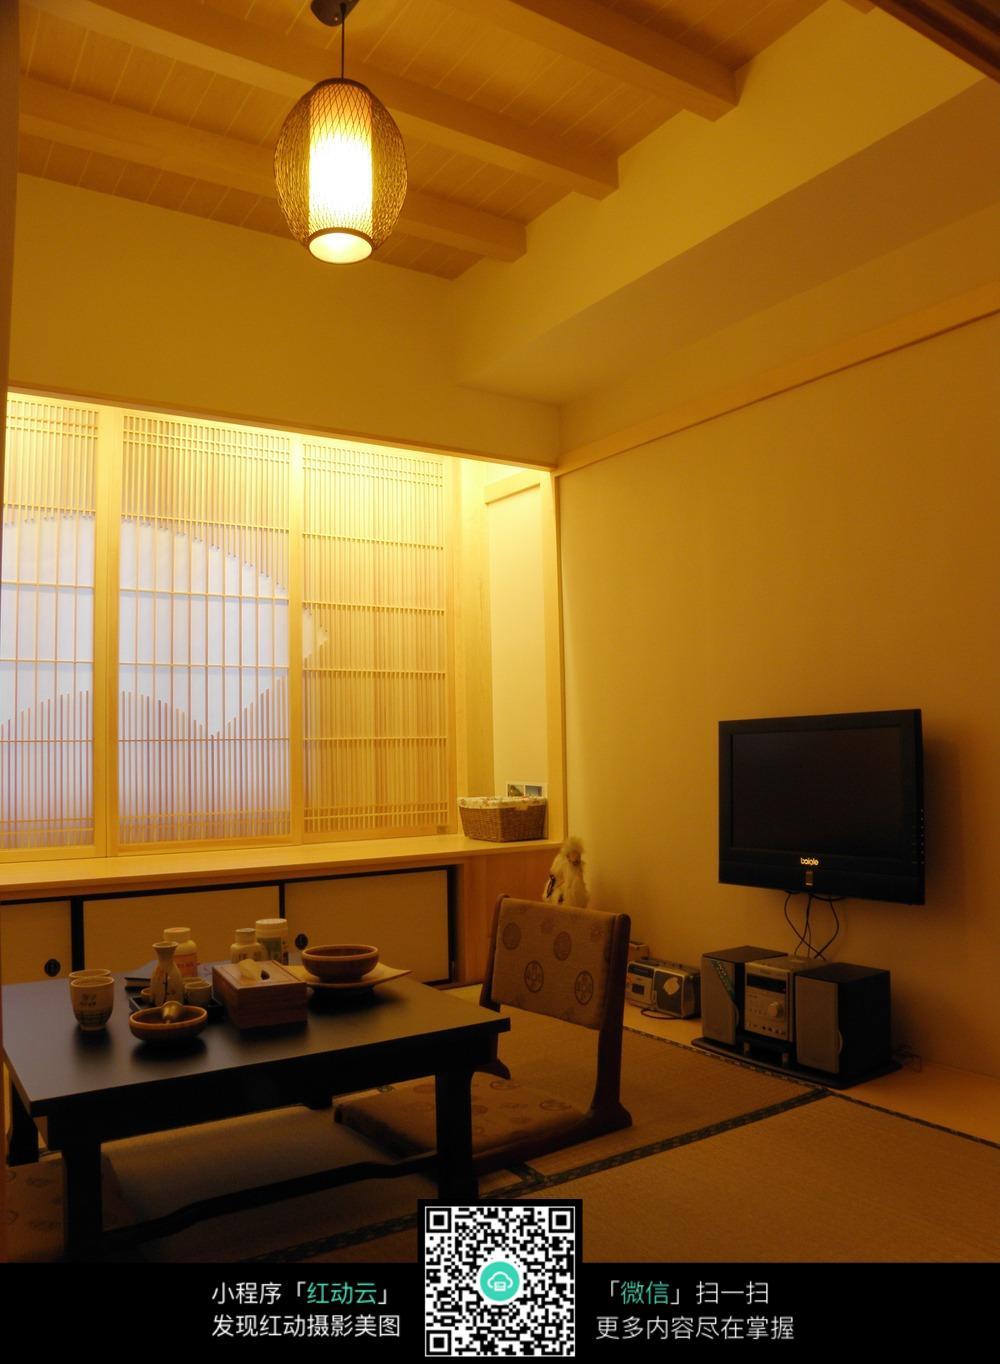 温馨暖色日式室内装修效果图